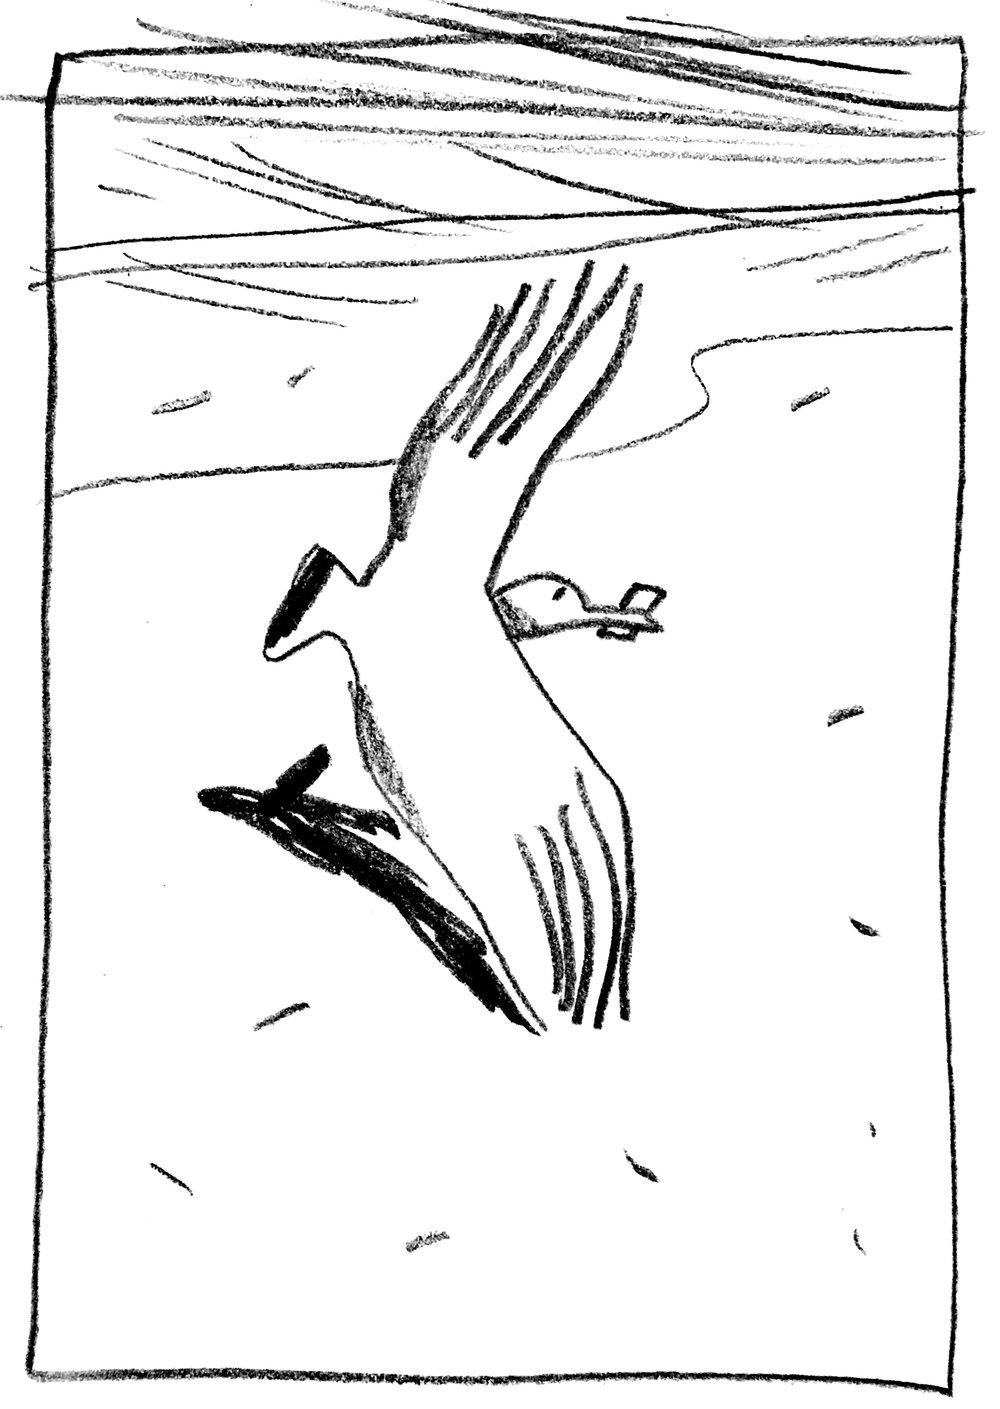 V2 Burgo sketches page 6.jpg